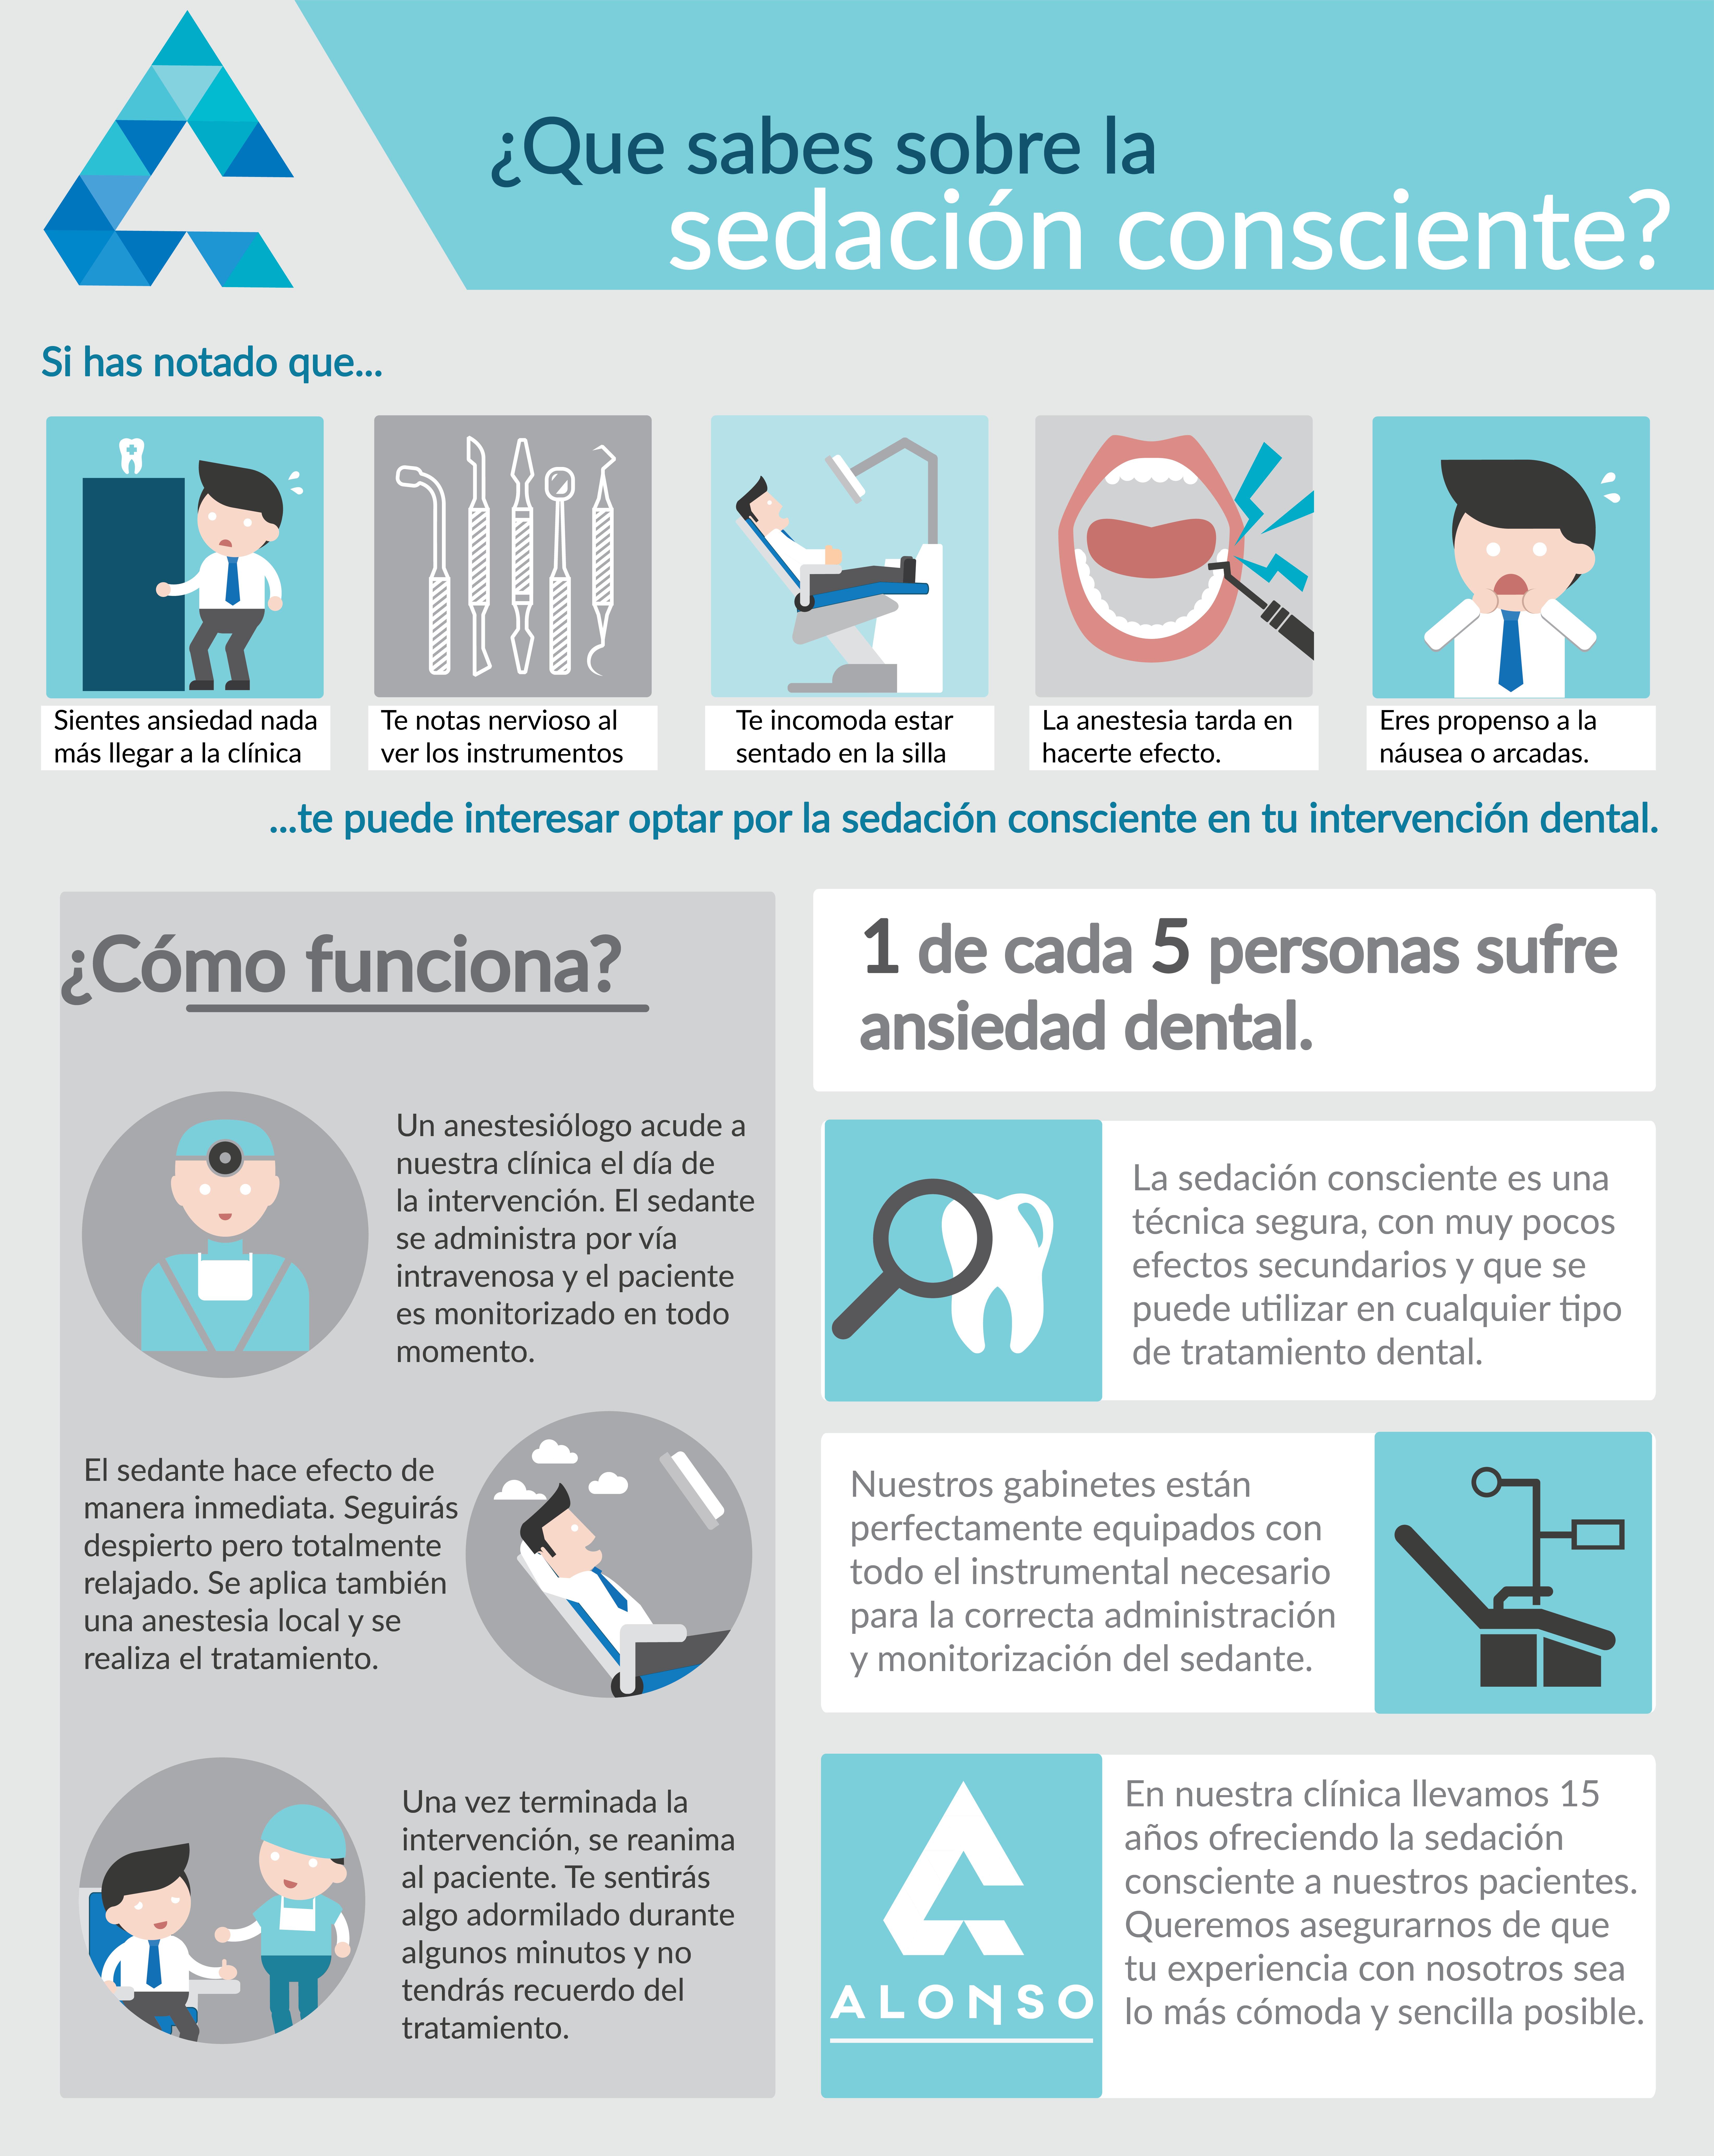 Sedación consciente en tratamientos dentales